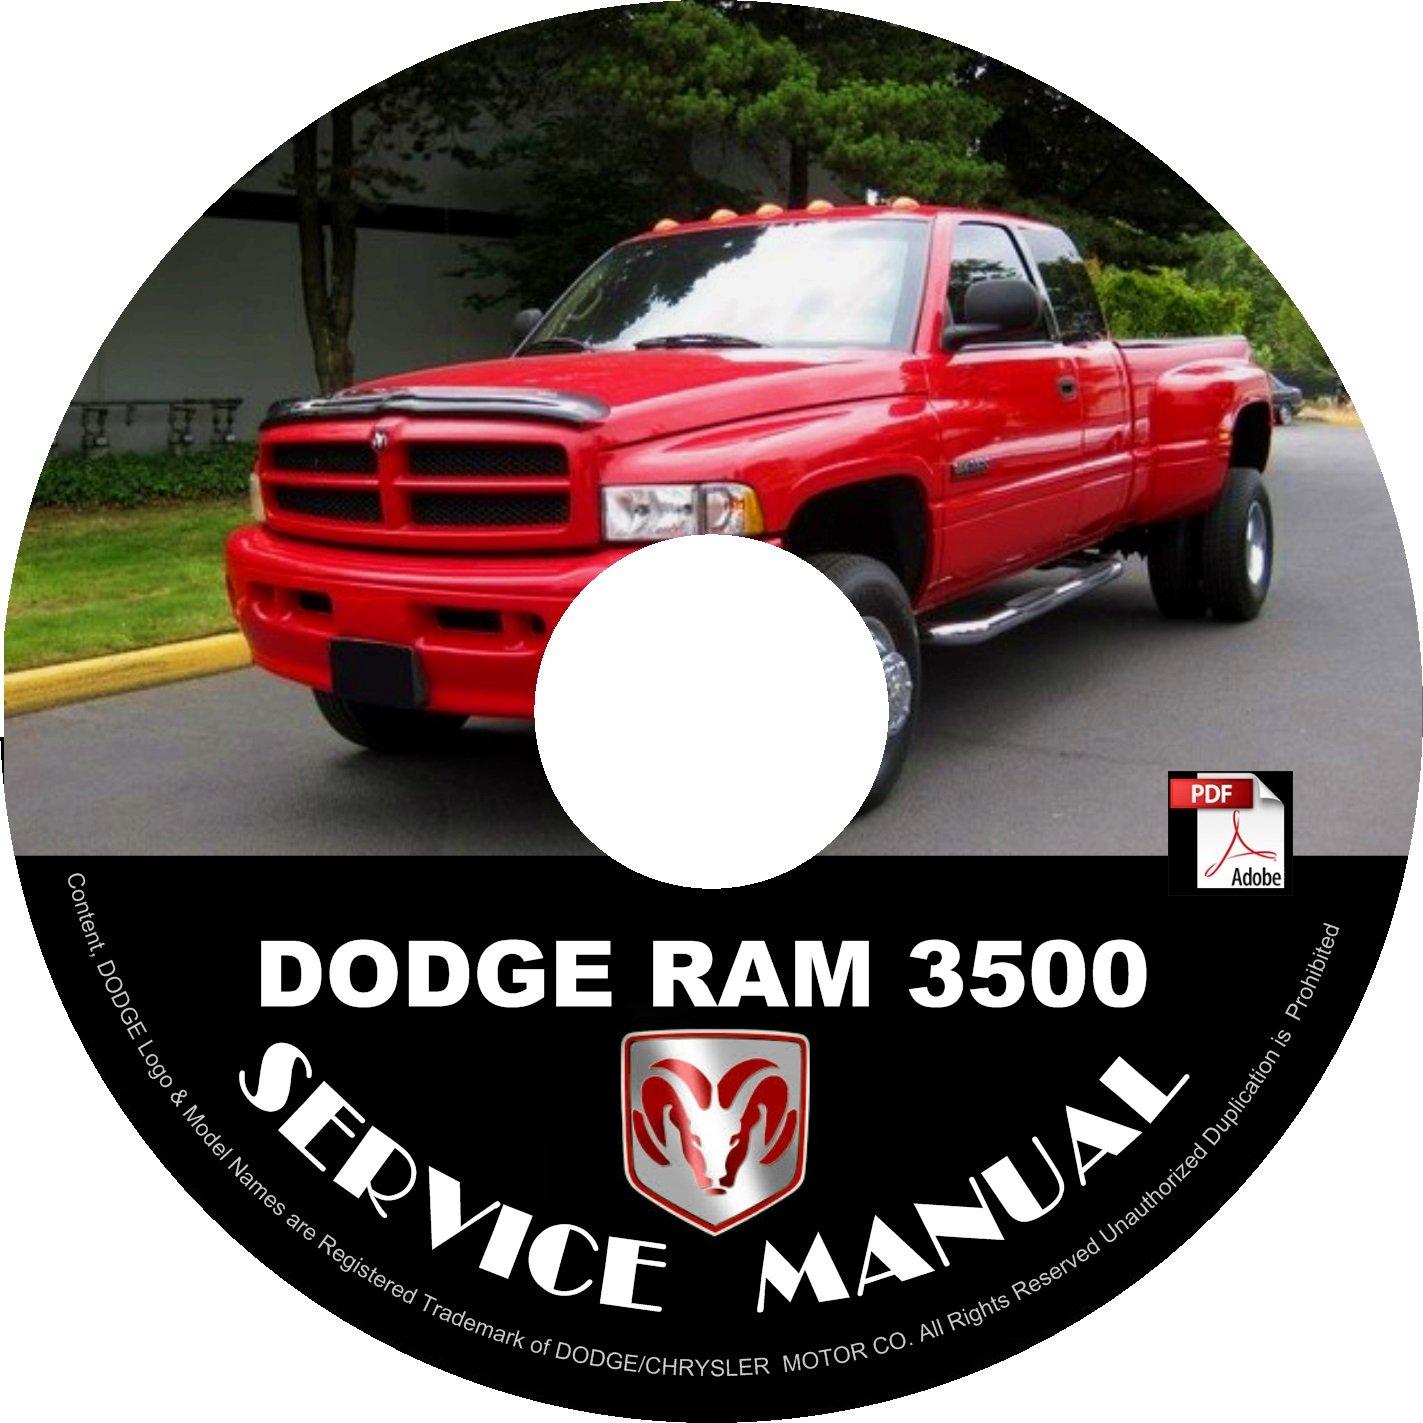 1995 Dodge RAM 3500 Factory Service Repair Shop Manual on CD Fix Repair Rebuilt